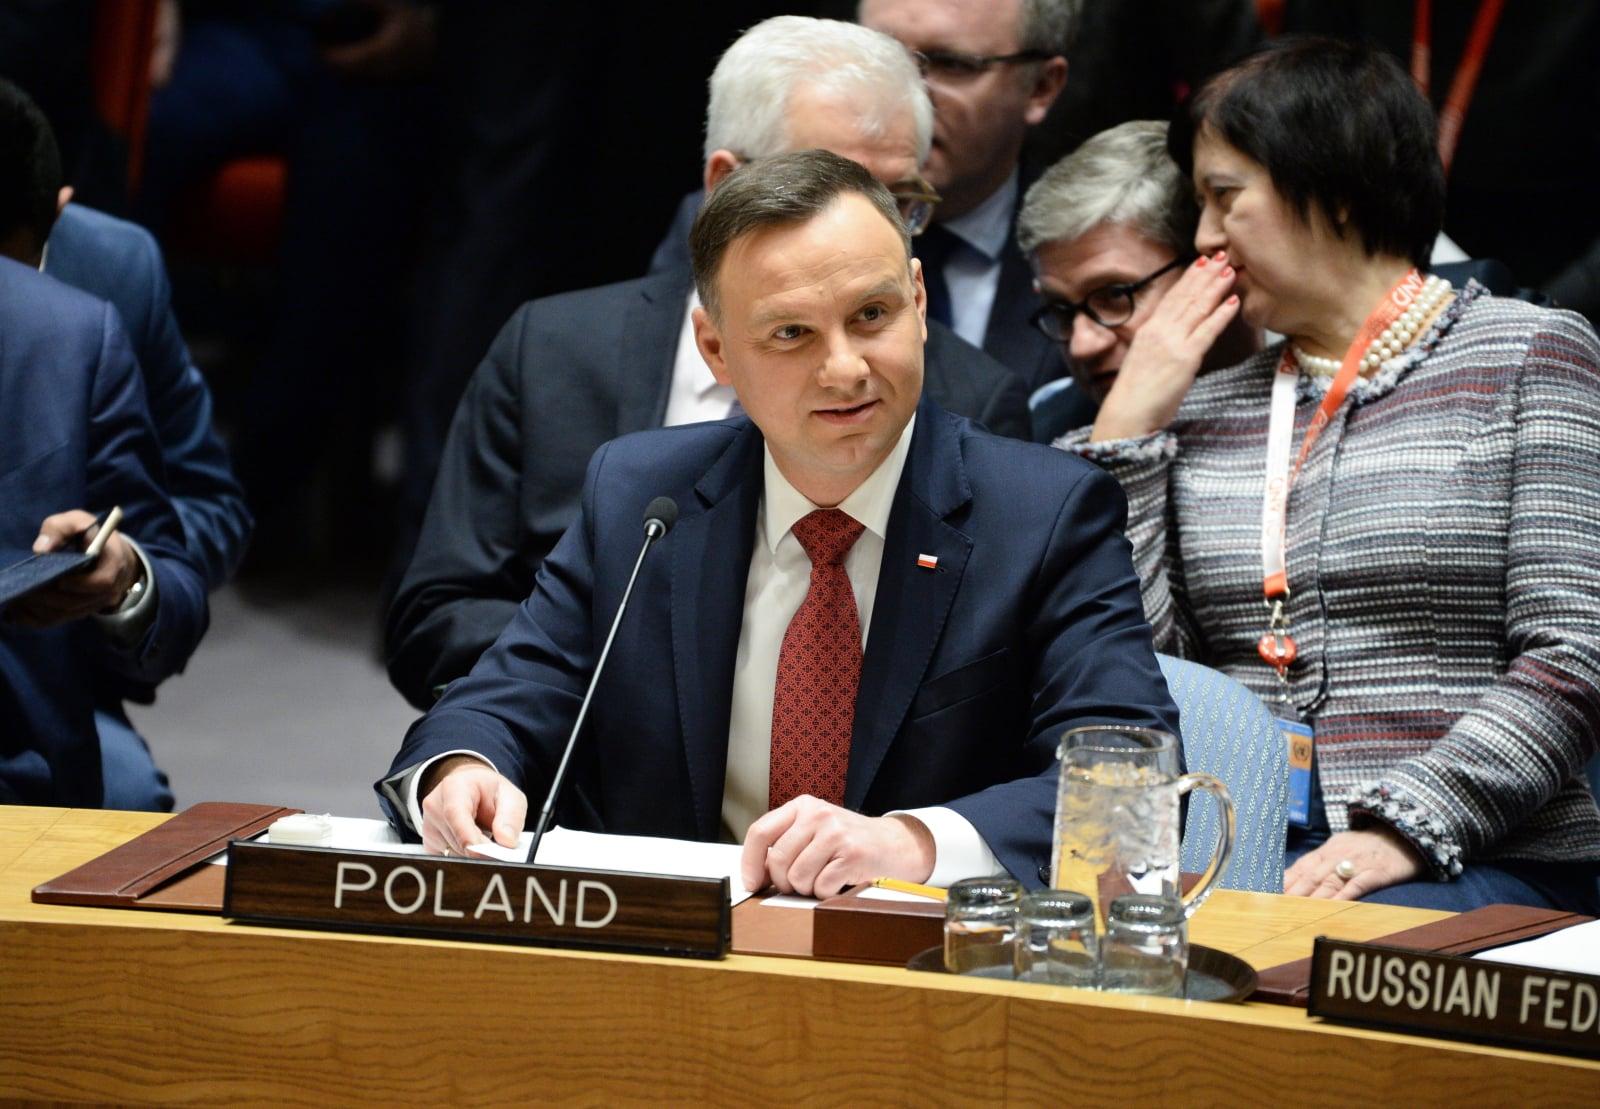 Prezydent RP Andrzej Duda podczas